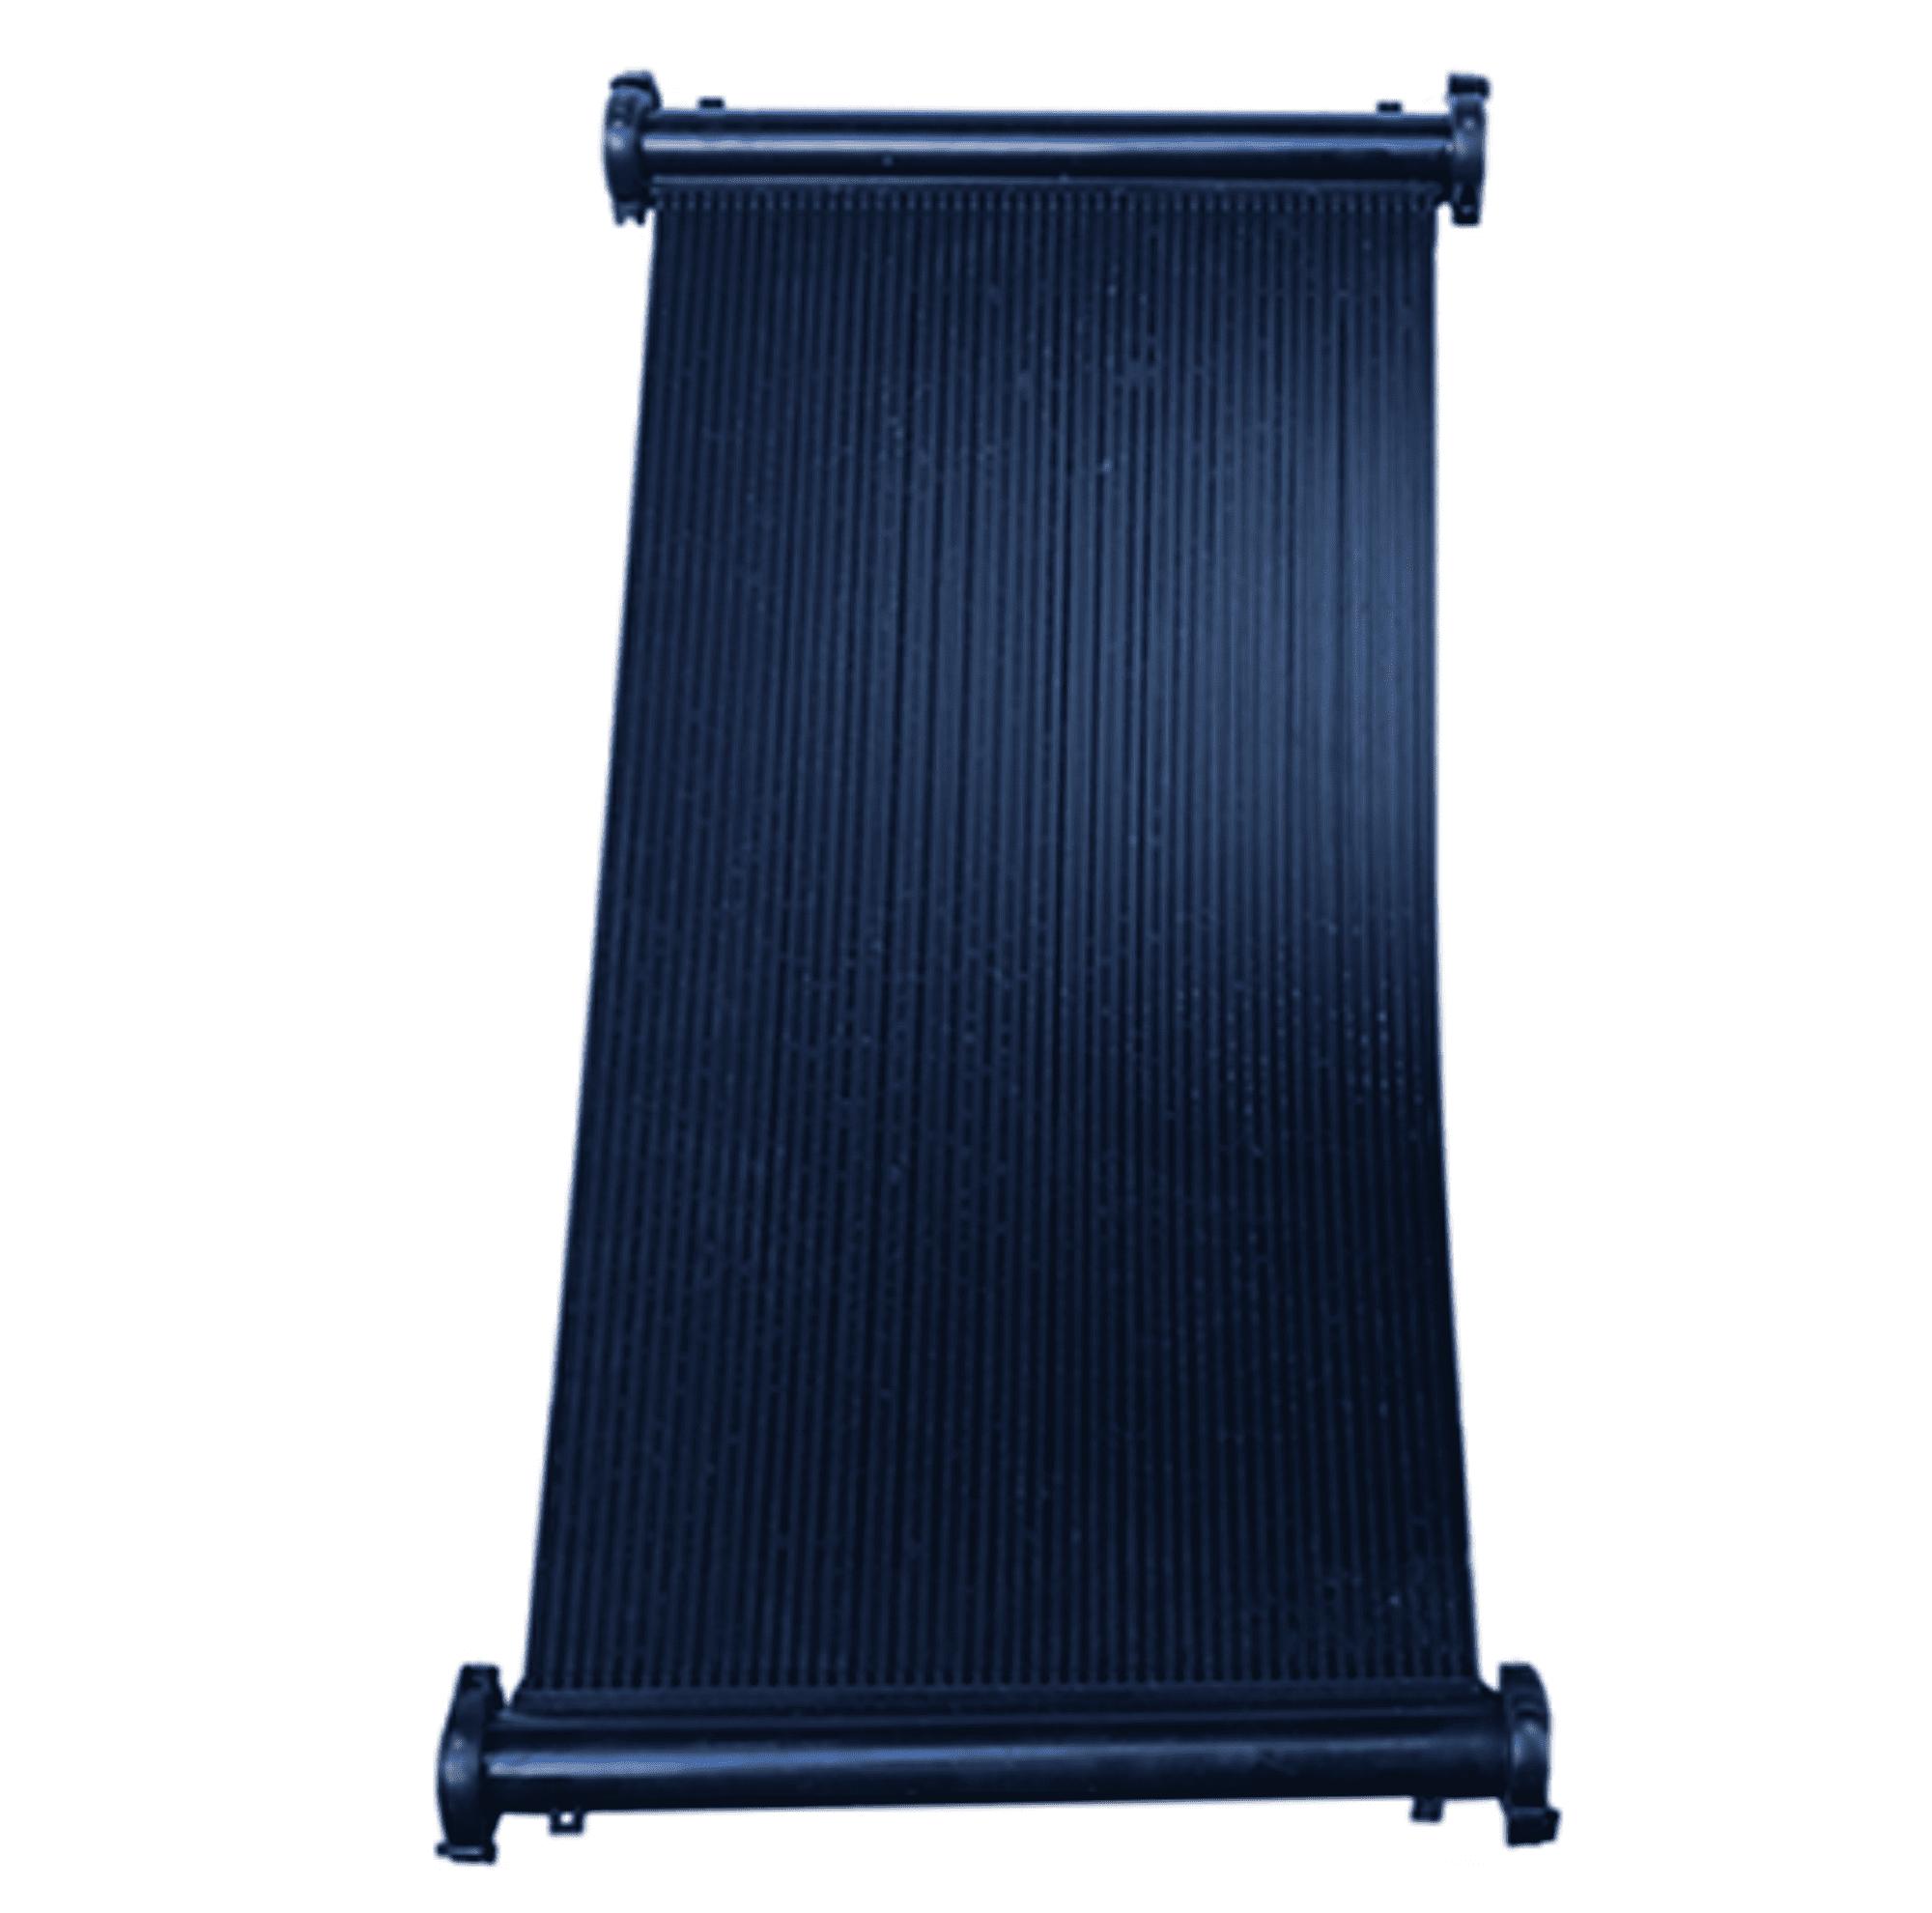 Aquecedor Solar para Piscina 2,50m² (5,00x0,50m)